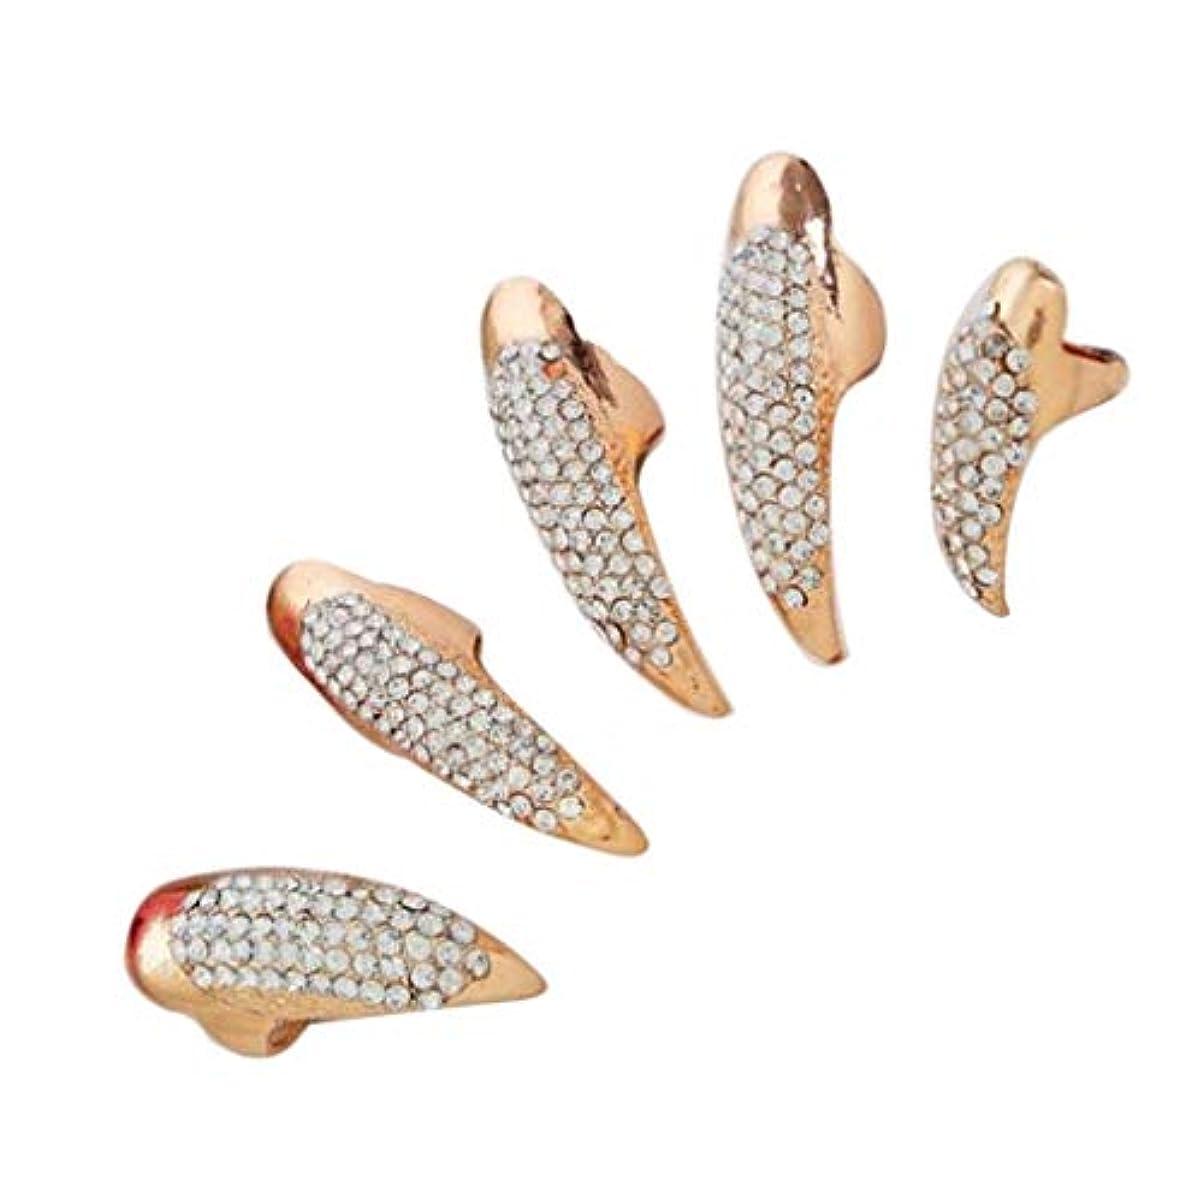 足リーチコマースSM SunniMix ネイルリング チップリング 爪の指輪 指先の指輪 ネイルアート フォークリング 2色選べ - ゴールデン